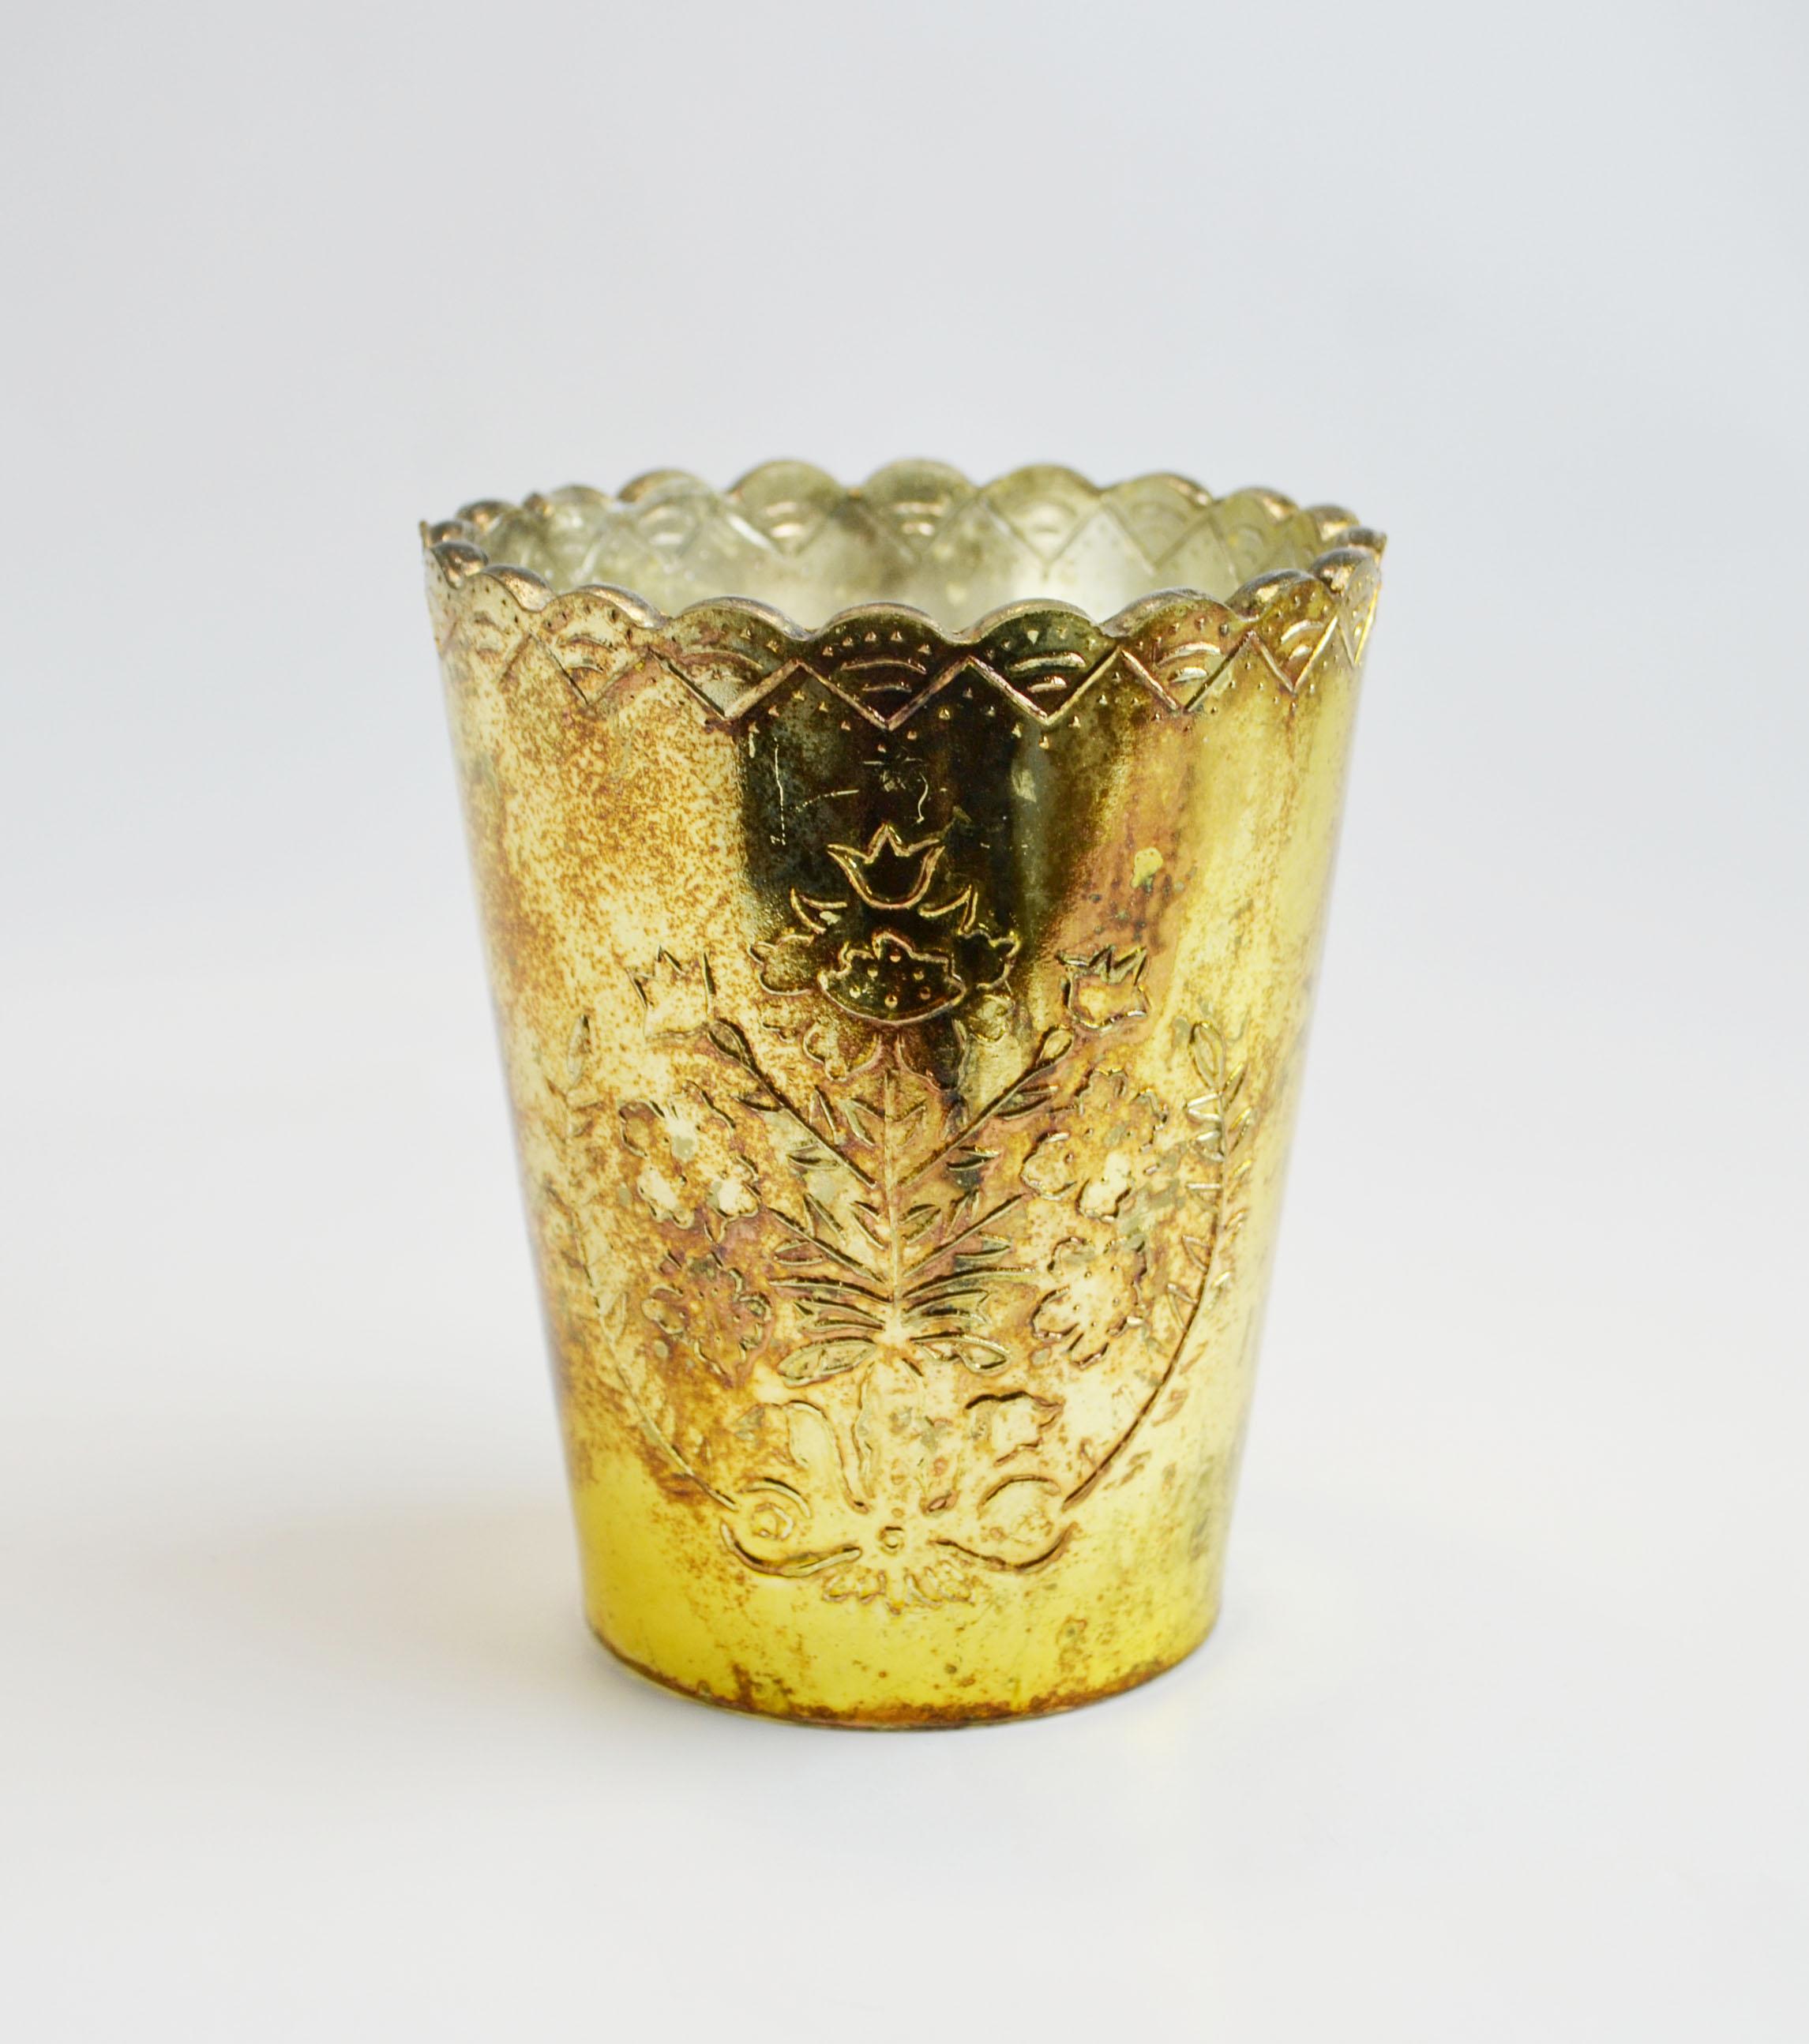 gold Elizabeth vase   Quantity: 11  Price: $7.50